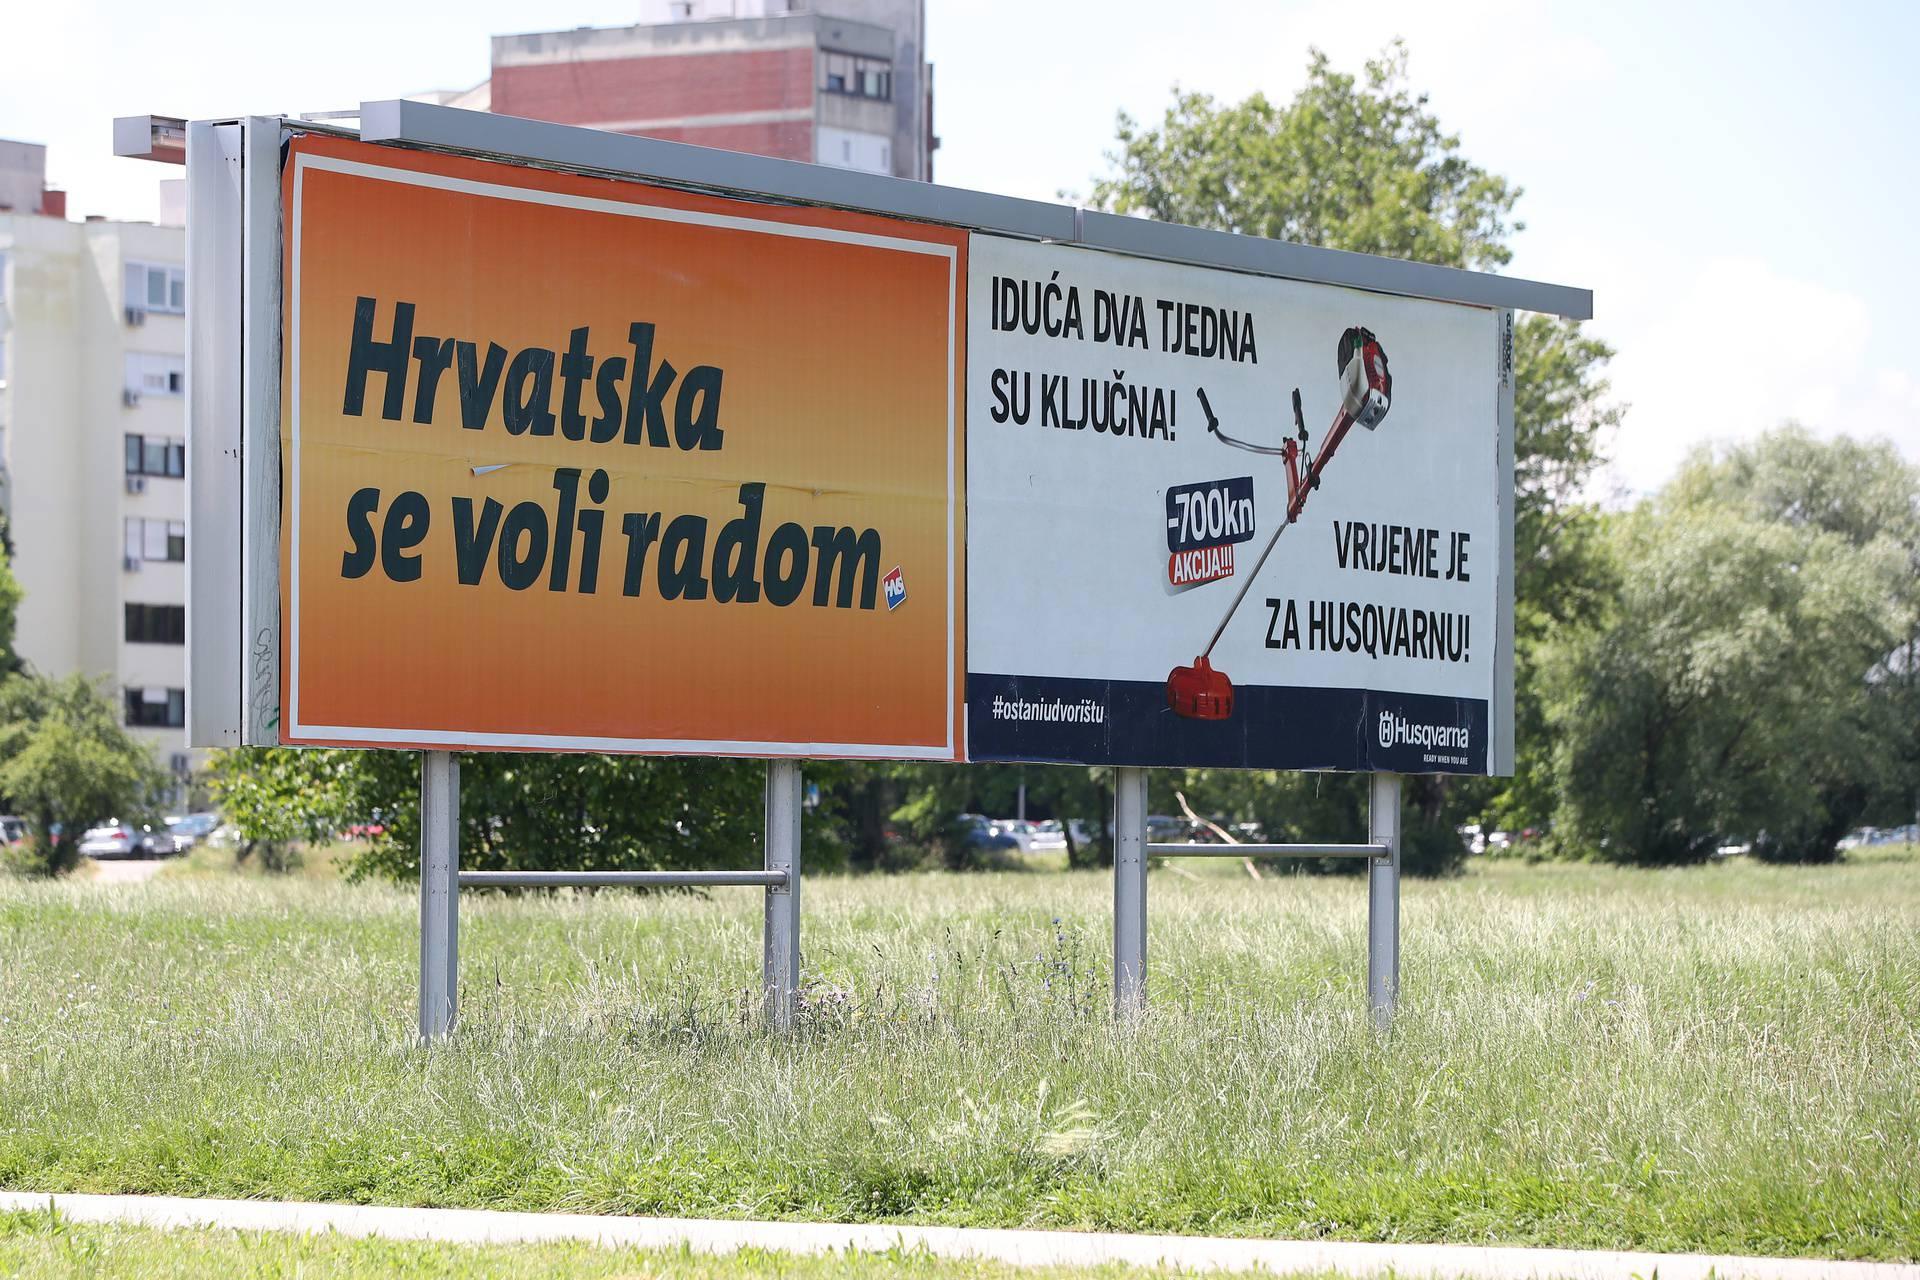 Zagreb: Predizborni plakati preplavili grad